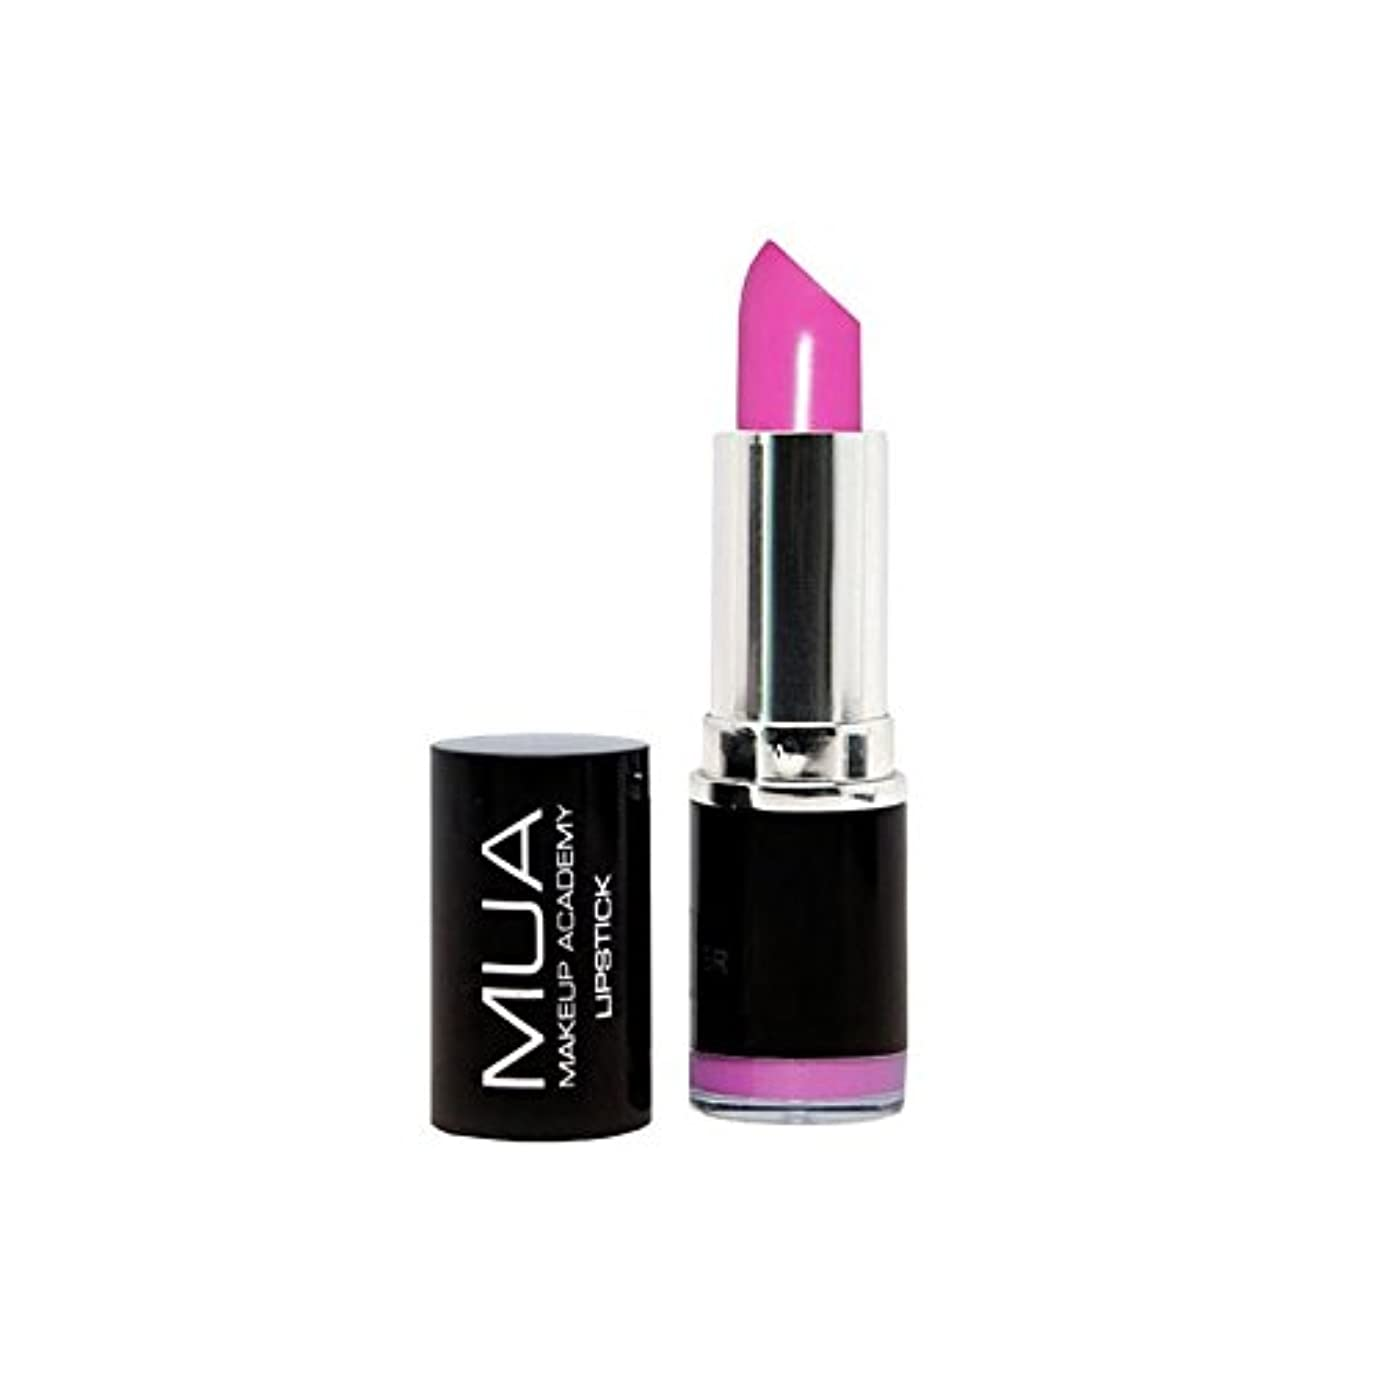 インドリング目的MUA Lipstick - Persian Rose - の口紅 - ペルシャローズ [並行輸入品]